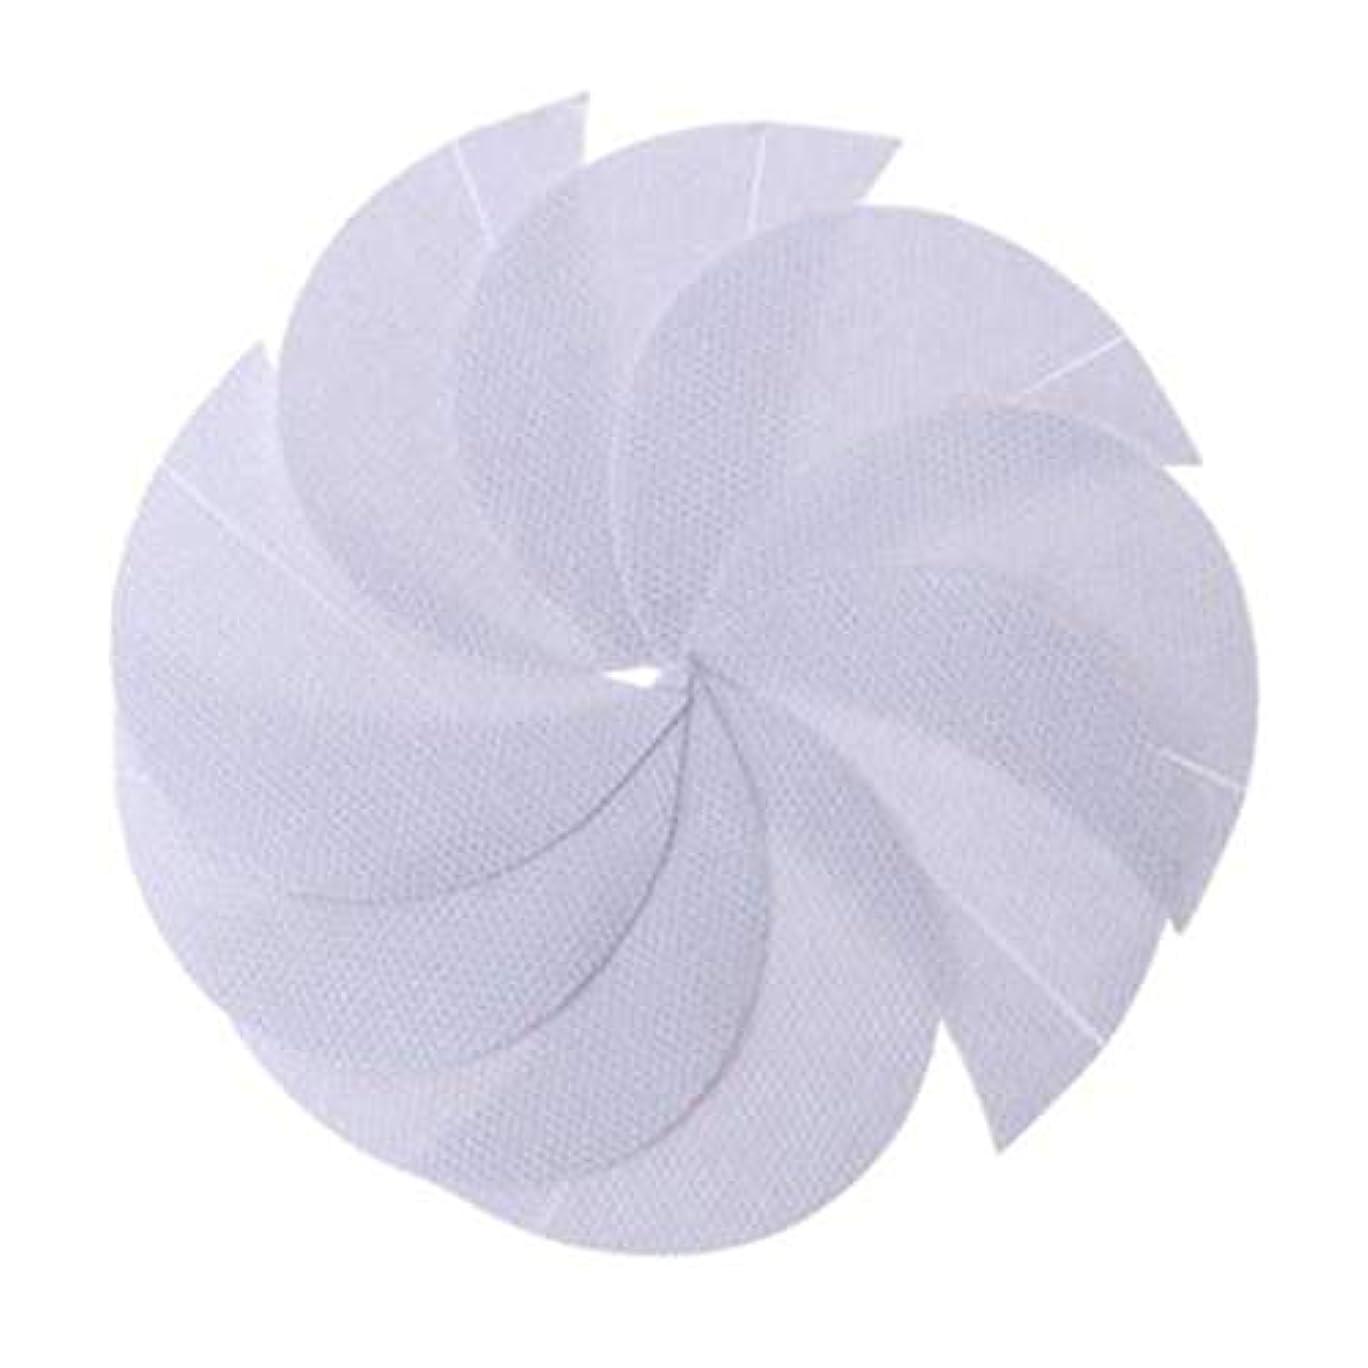 障害進む呼びかけるRabugogo 100個/袋不織布アイシャドーシールドアイシャドージェルパッドパッチアイシャドーステンシル防止まつげエクステ化粧品残留物